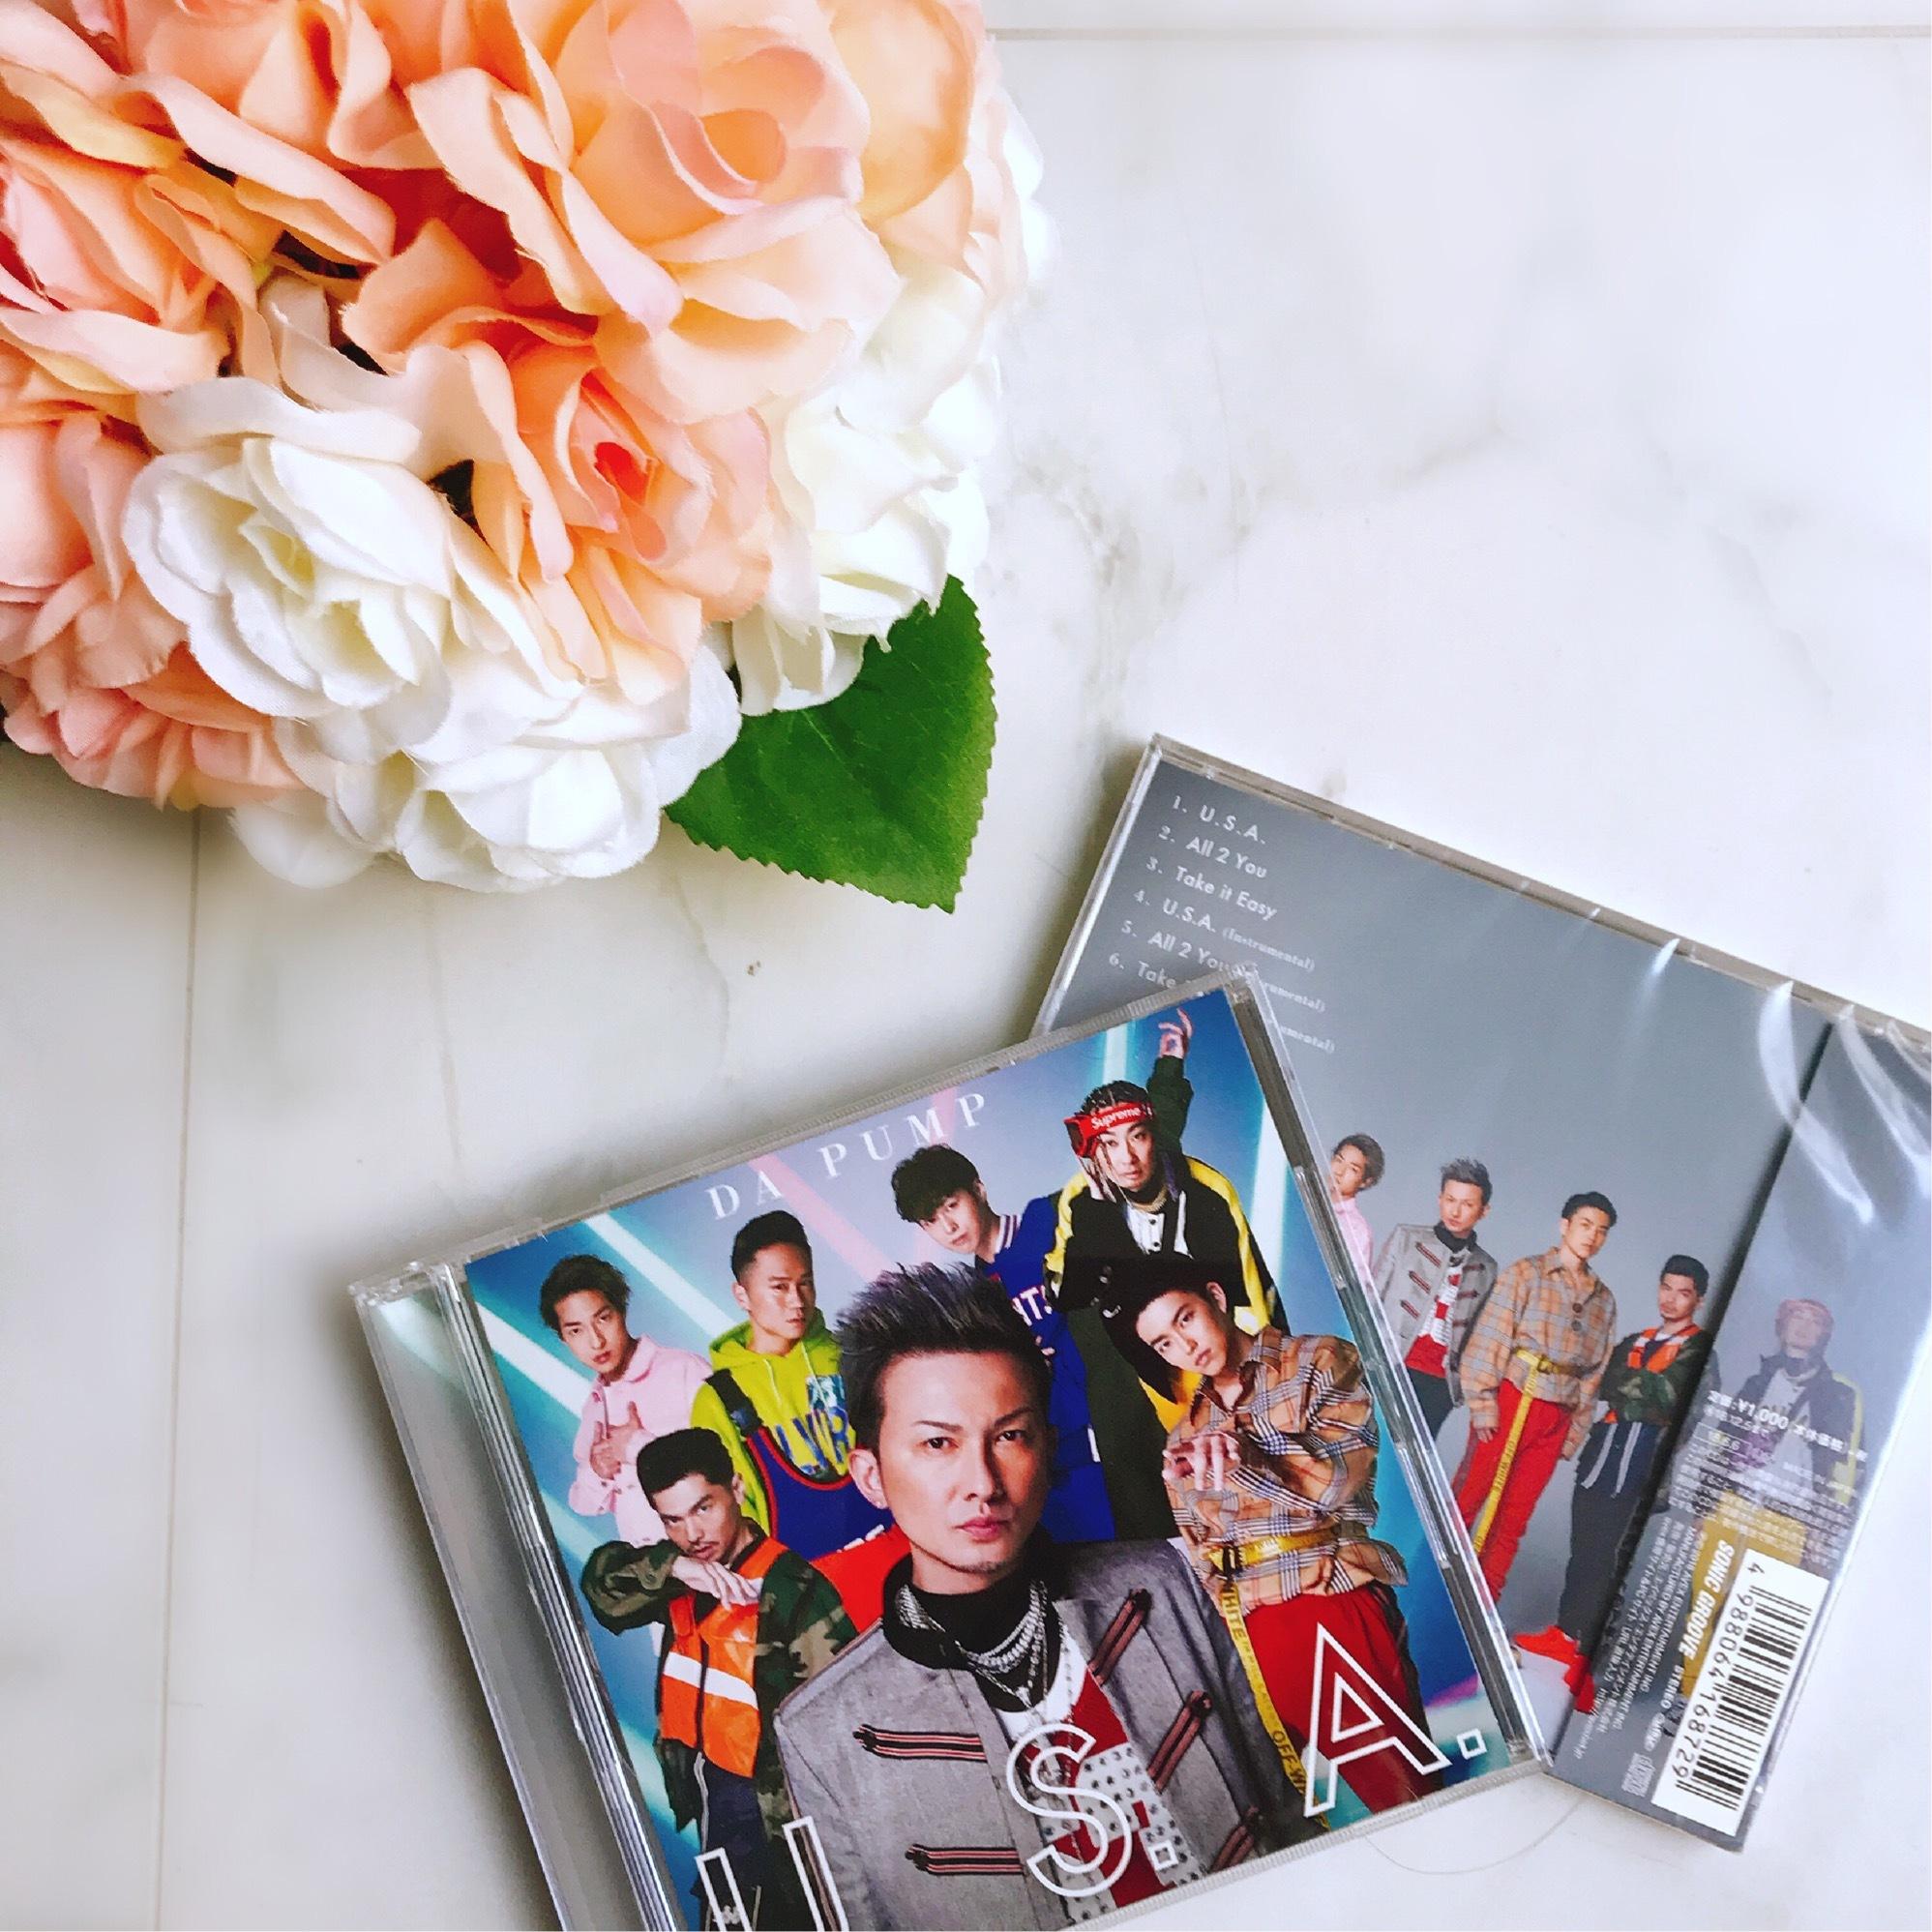 DVD付きのものは売り切れで、こちらはCDだけのバージョンです。